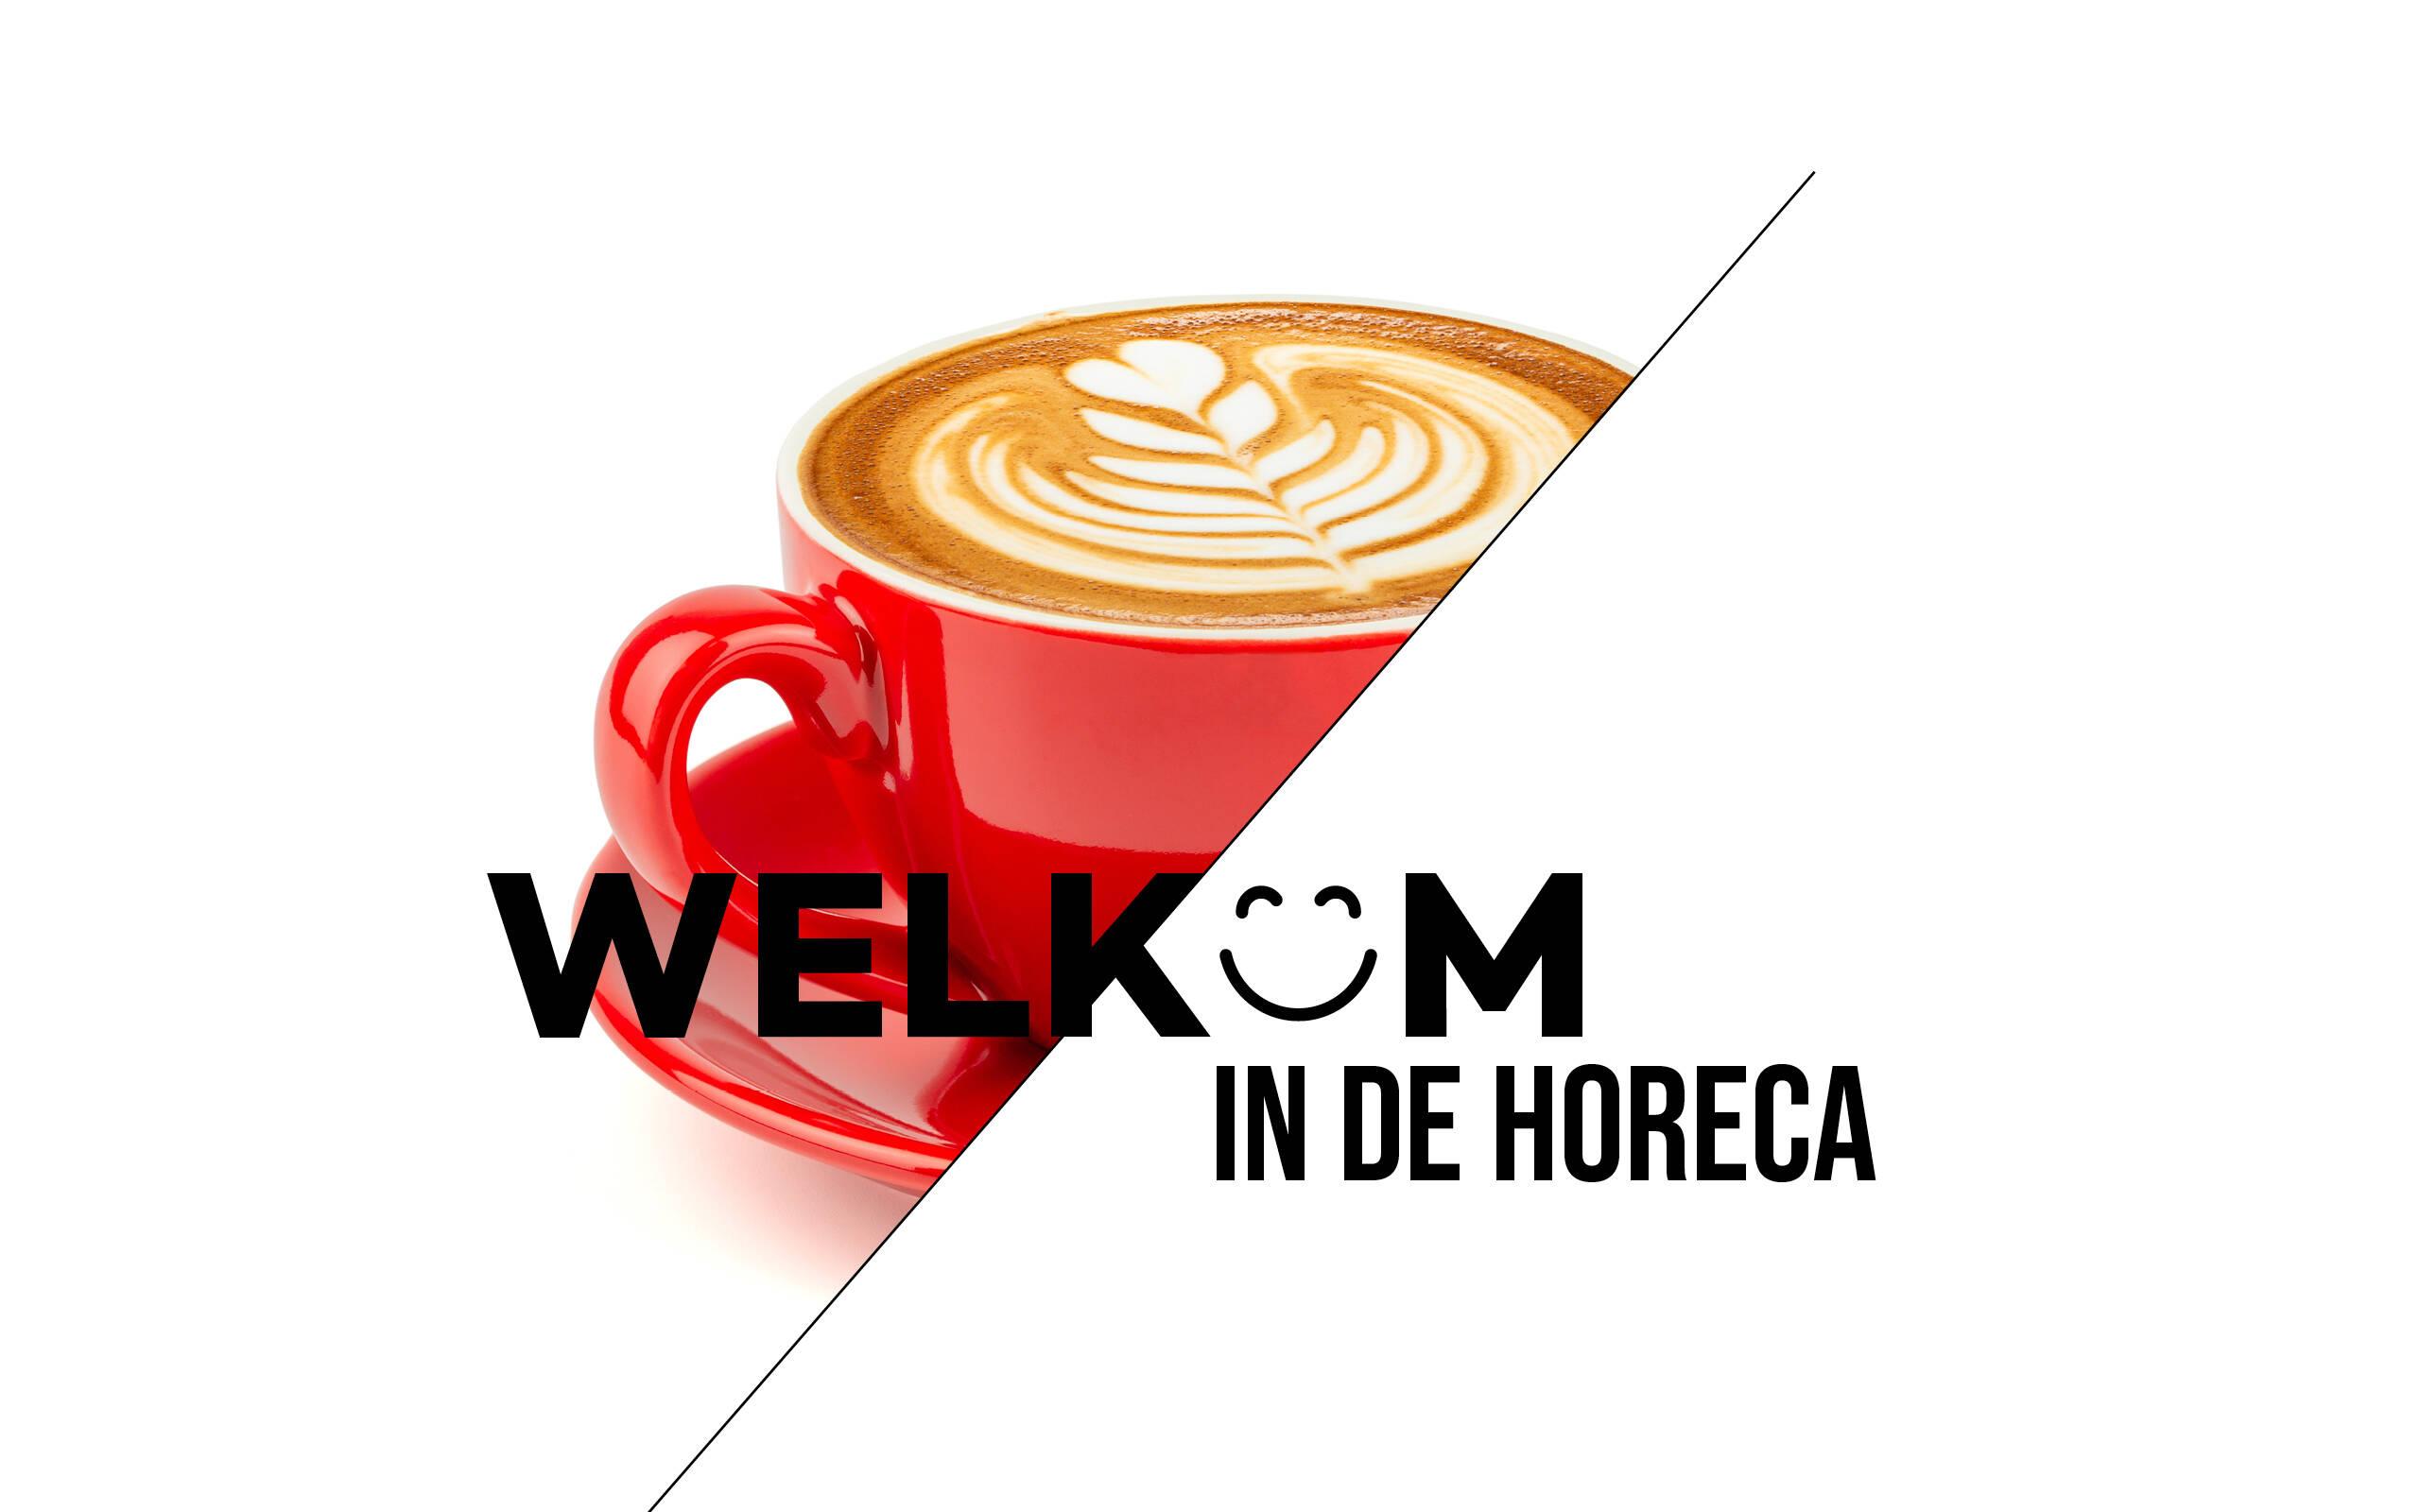 welkom_in_de_horecap_...